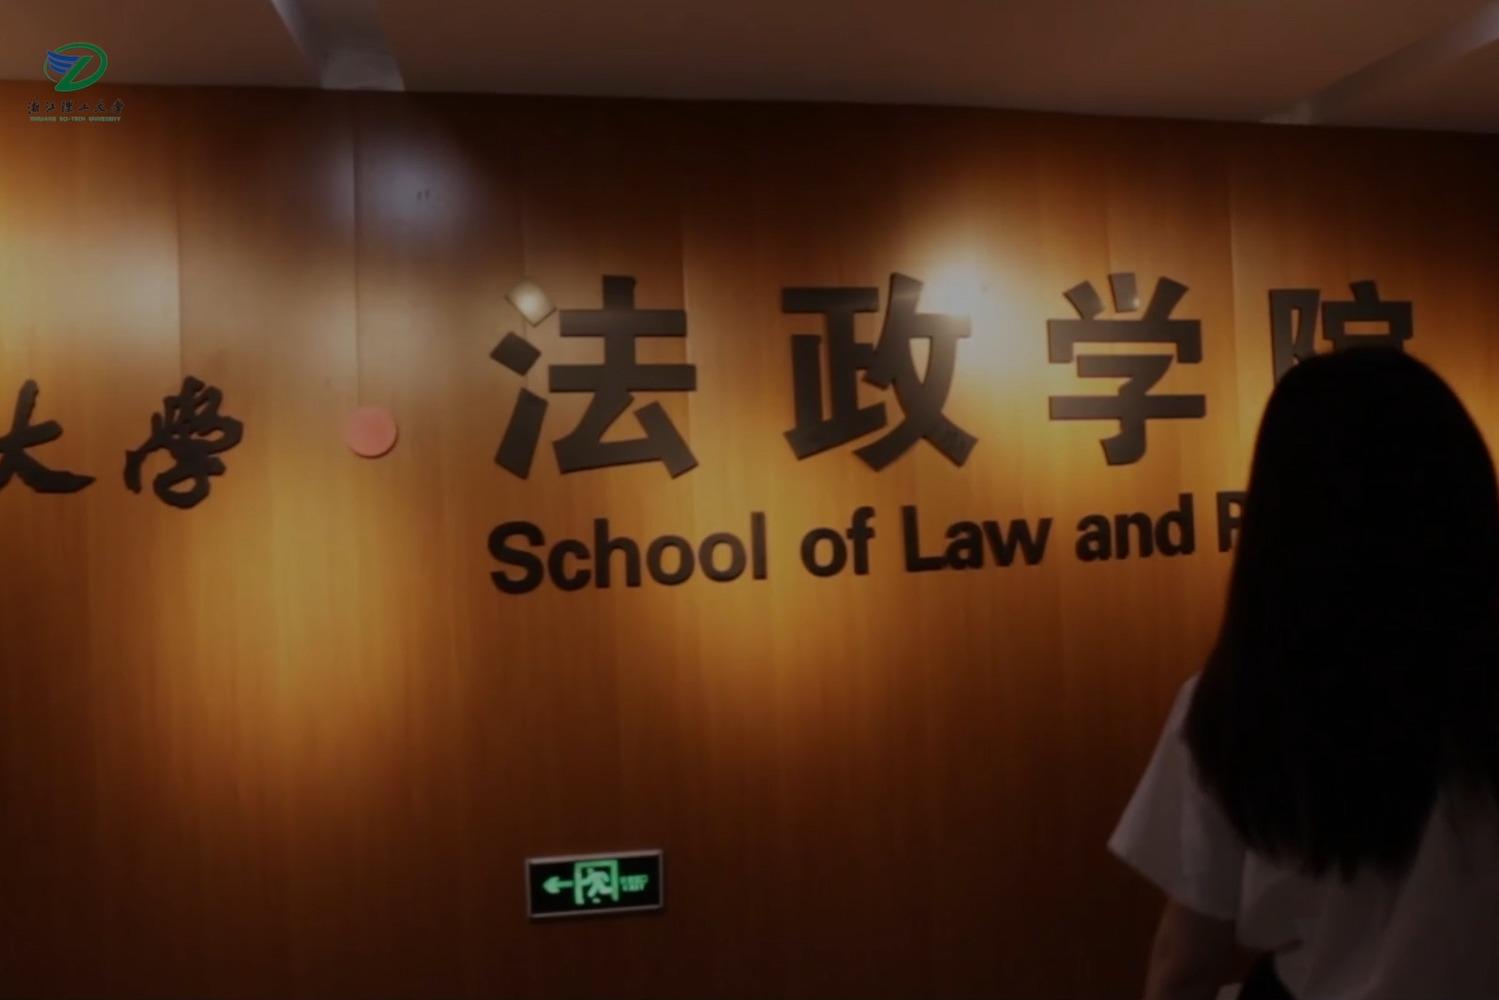 令人心动的浙理专业|如果你想用法律守护正义  法政学院不能错过